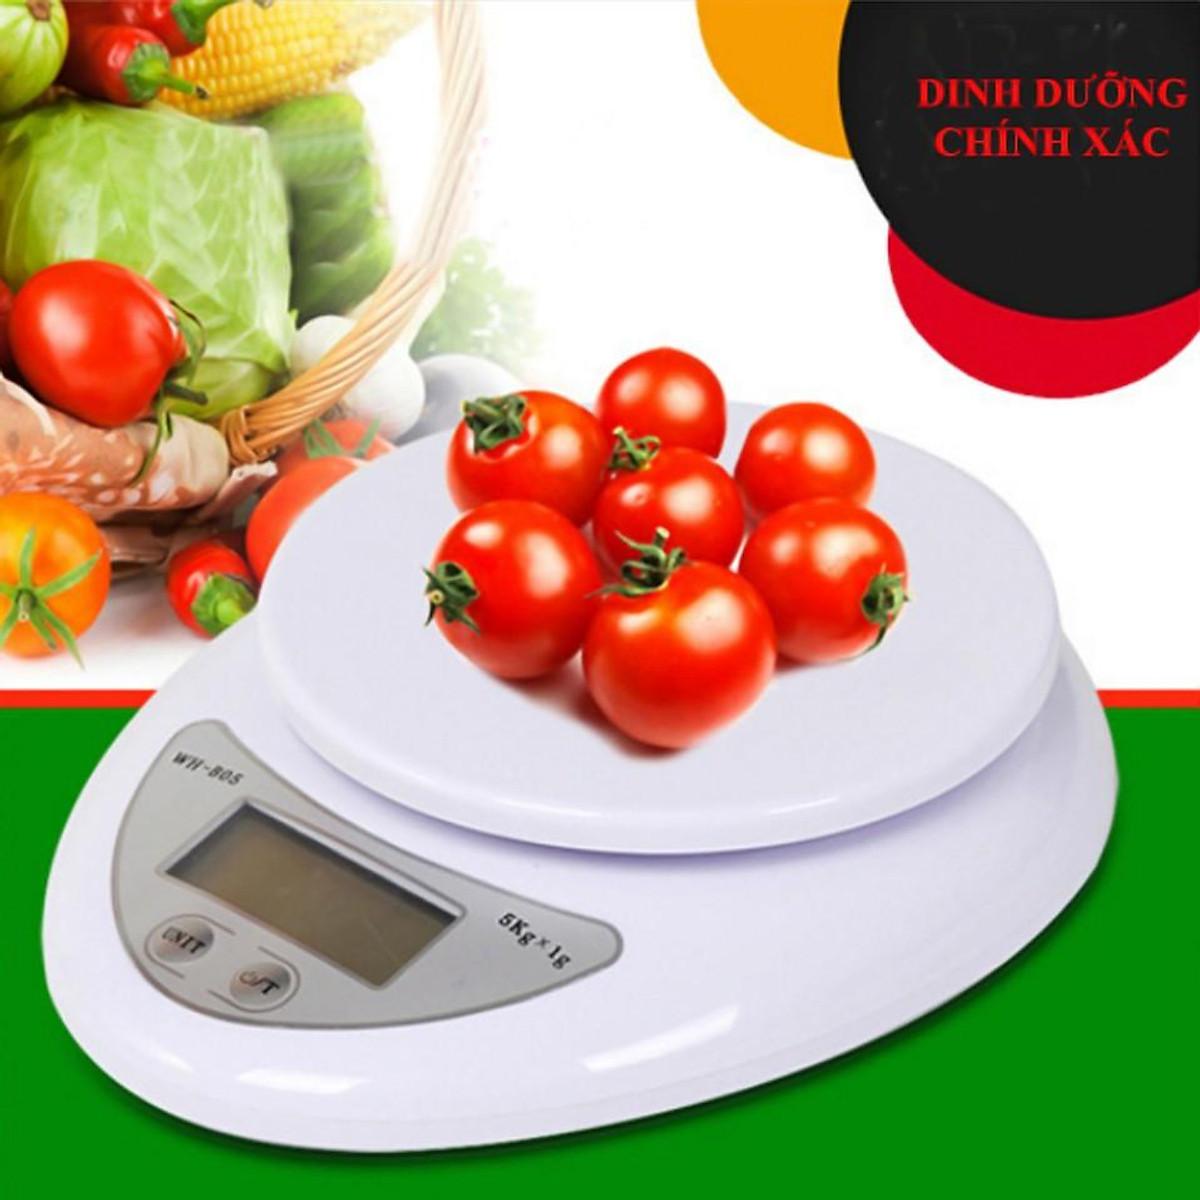 Cân Điện Tử Nhà Bếp Electronic Kitchen B05 5kgx1g